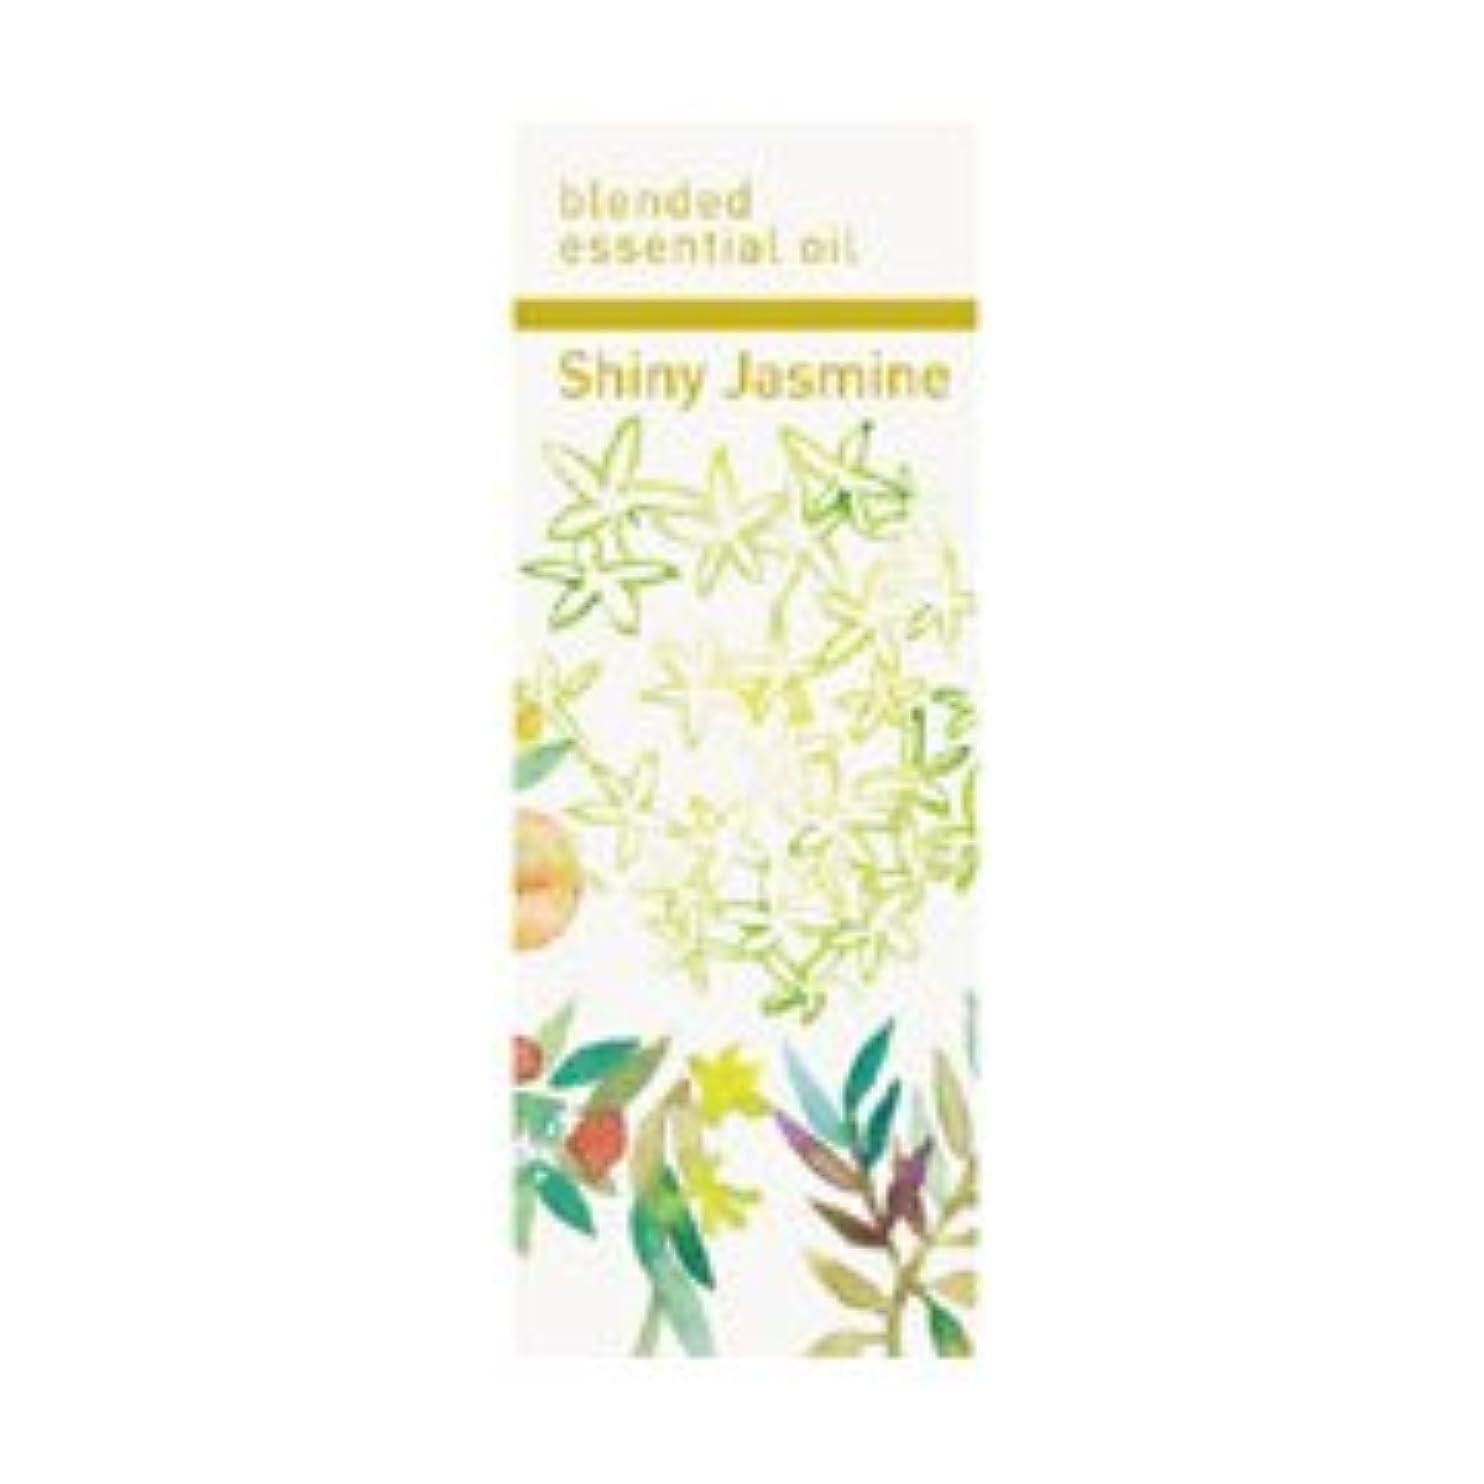 金銭的な言う流出生活の木 ブレンドエッセンシャルオイル シャイニージャスミン [30ml] エッセンシャルオイル/精油